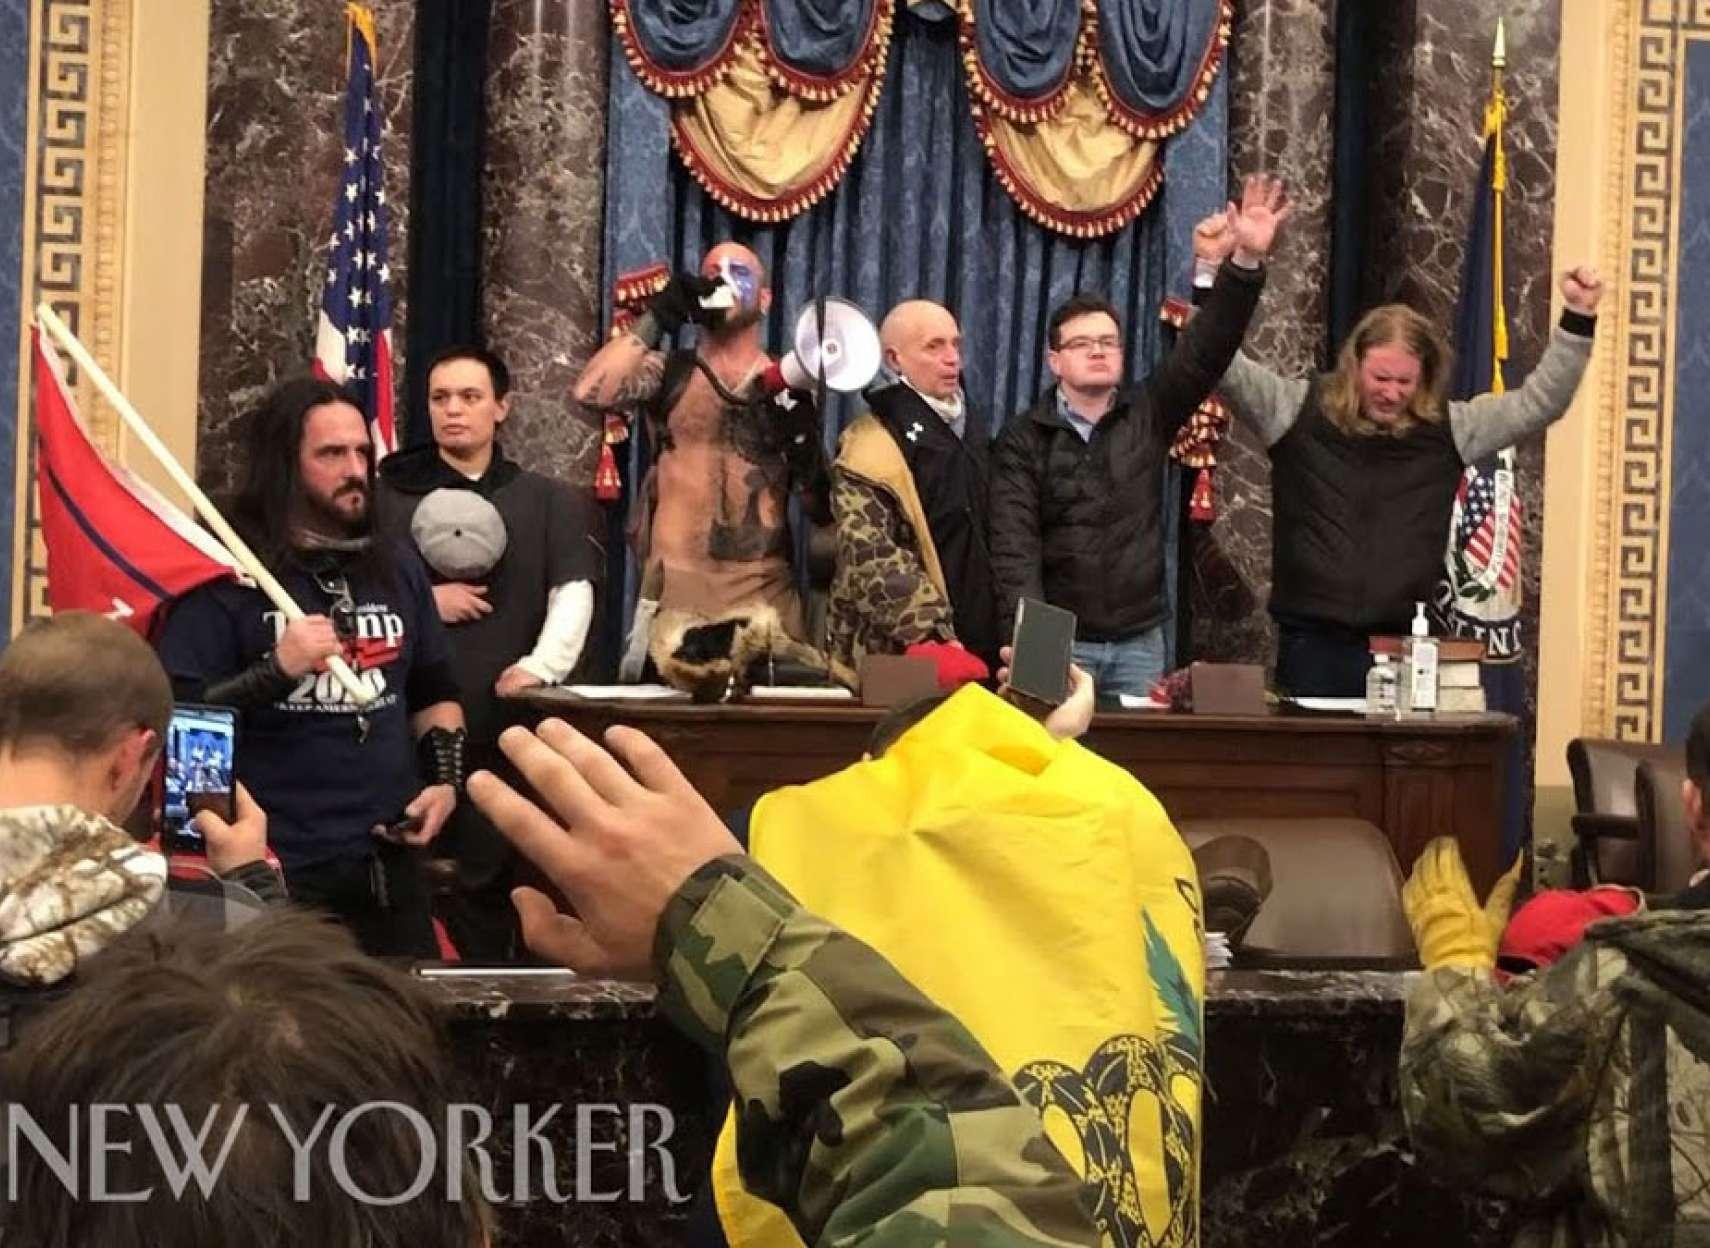 اخبار-آمریکا-فیلم-اشغال-مجلس-آمریکا-توسط-خبرنگار-نیویورکر-در-میان-معترضان-منتشر-شد